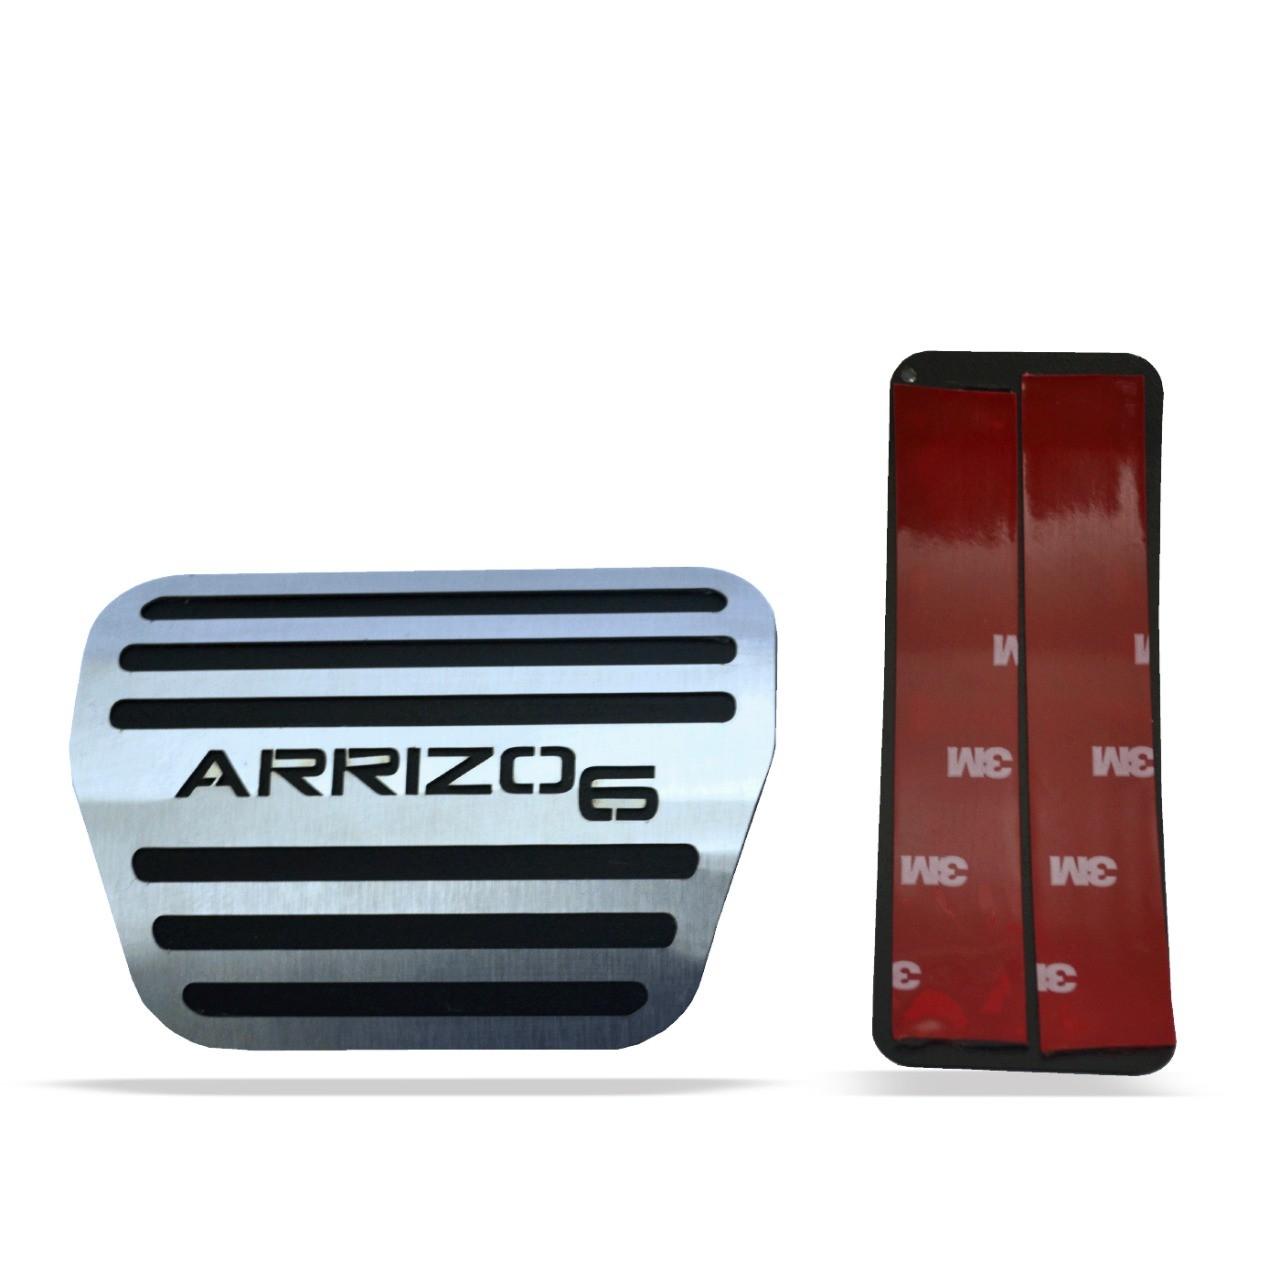 Pedaleira para Arrizo 6 Automático em Aço Inox